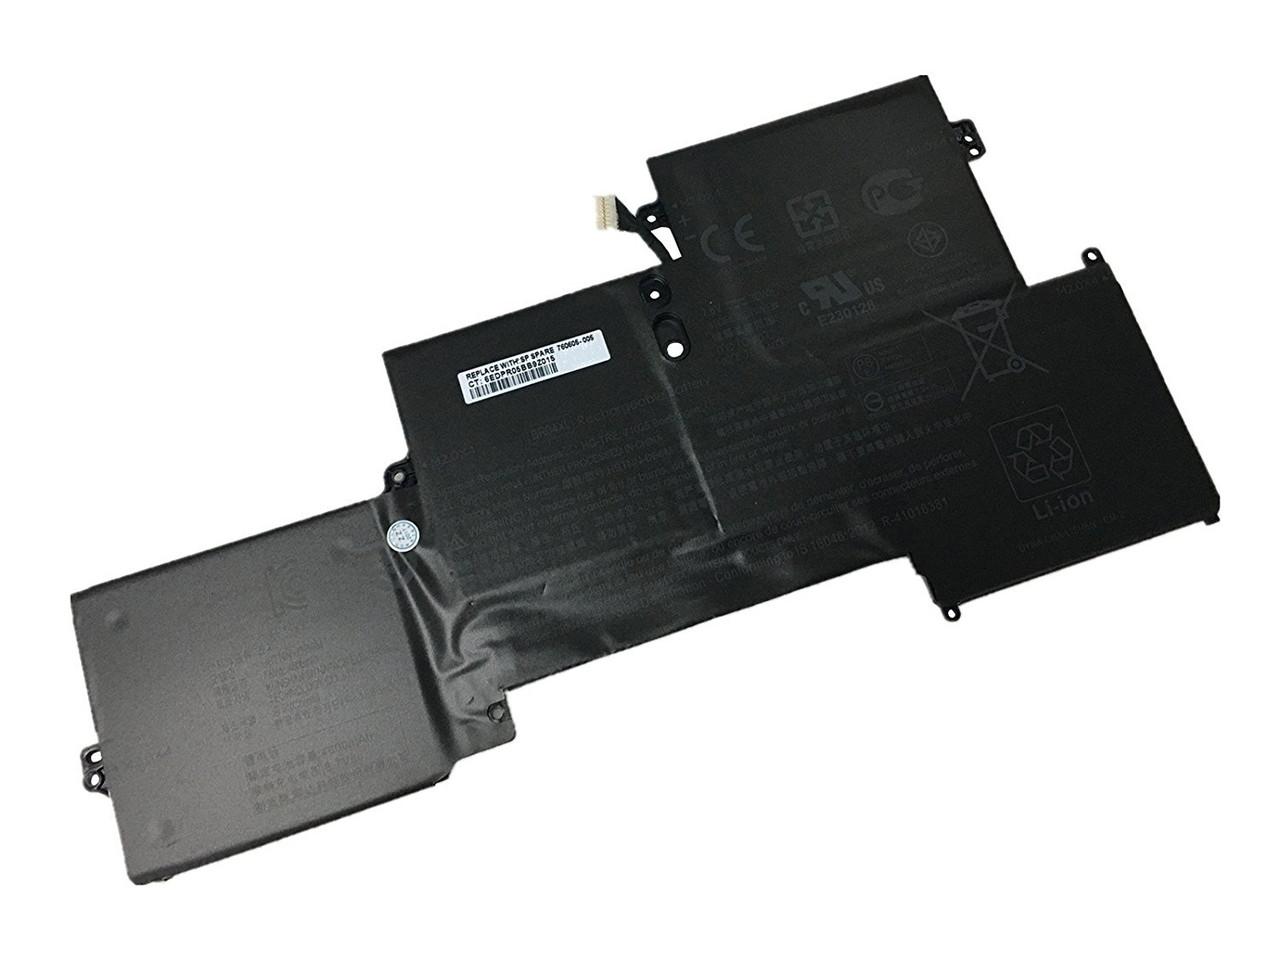 Батарея для HP EliteBook С(M0D62PA) (BO04XL, BR04XL) (7.6V 36Wh). Оригинал